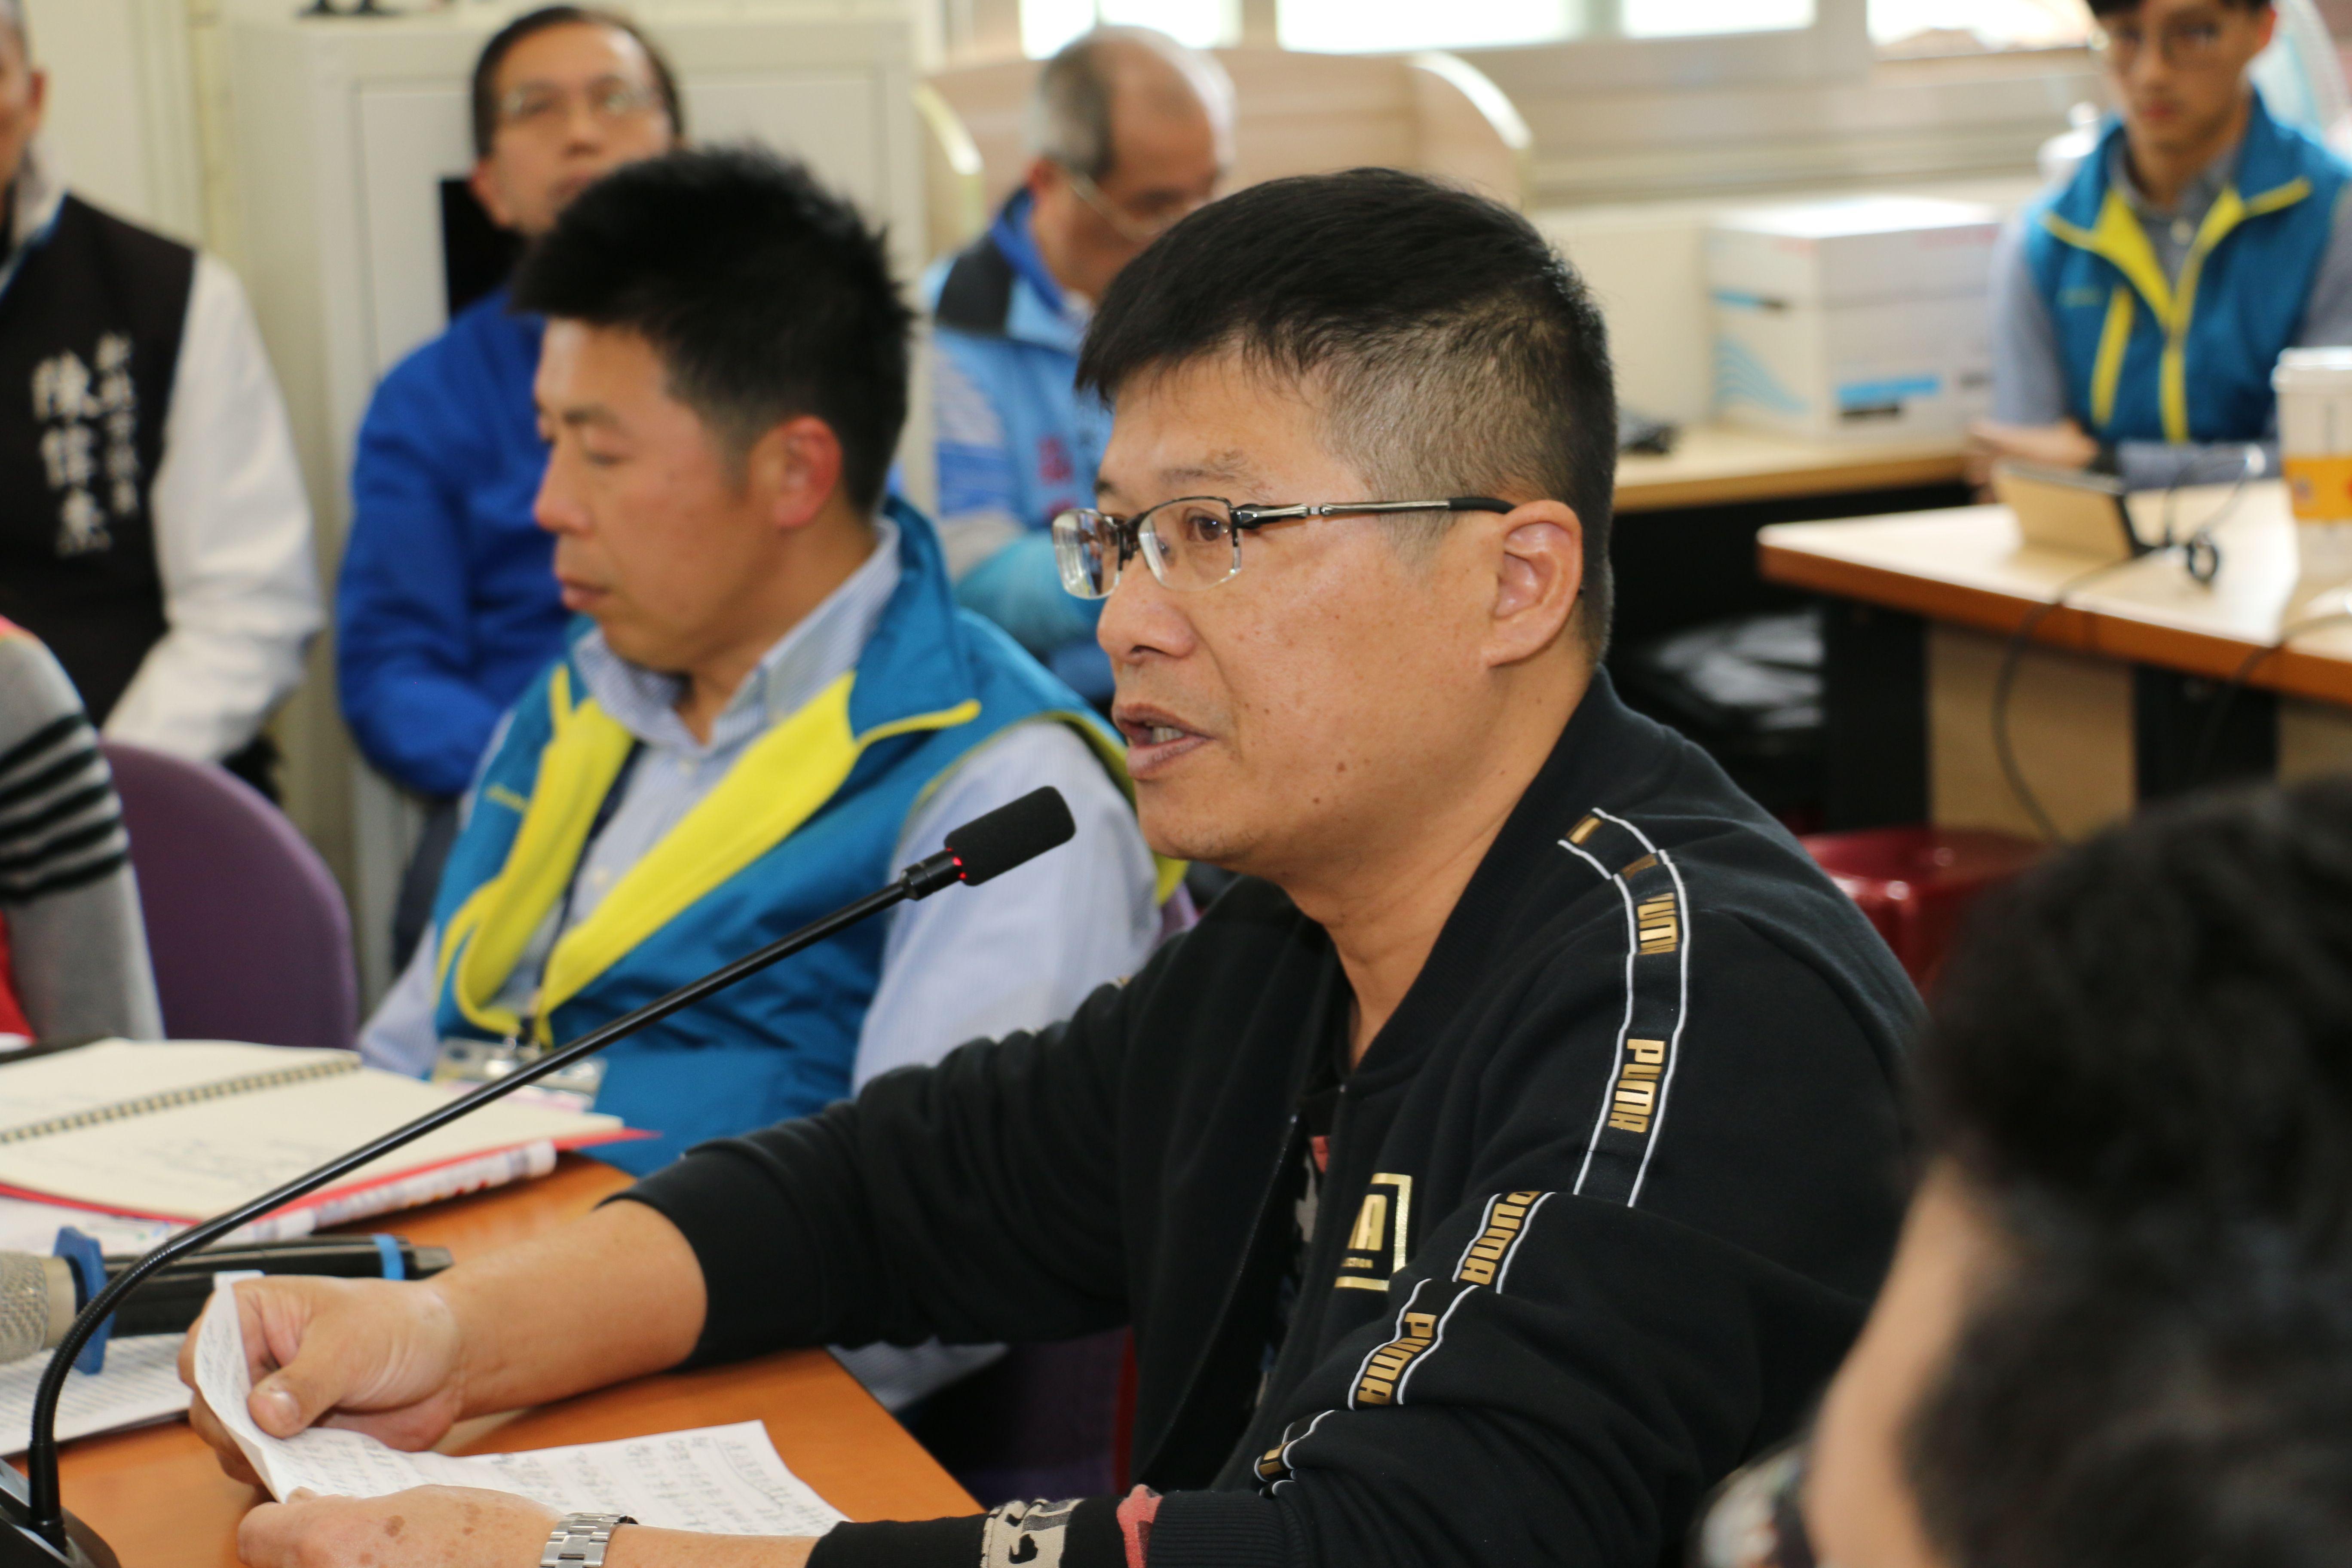 淡水居民在環評會議傳達多年塞車之苦的心聲。 (圖/李梅瑛攝)